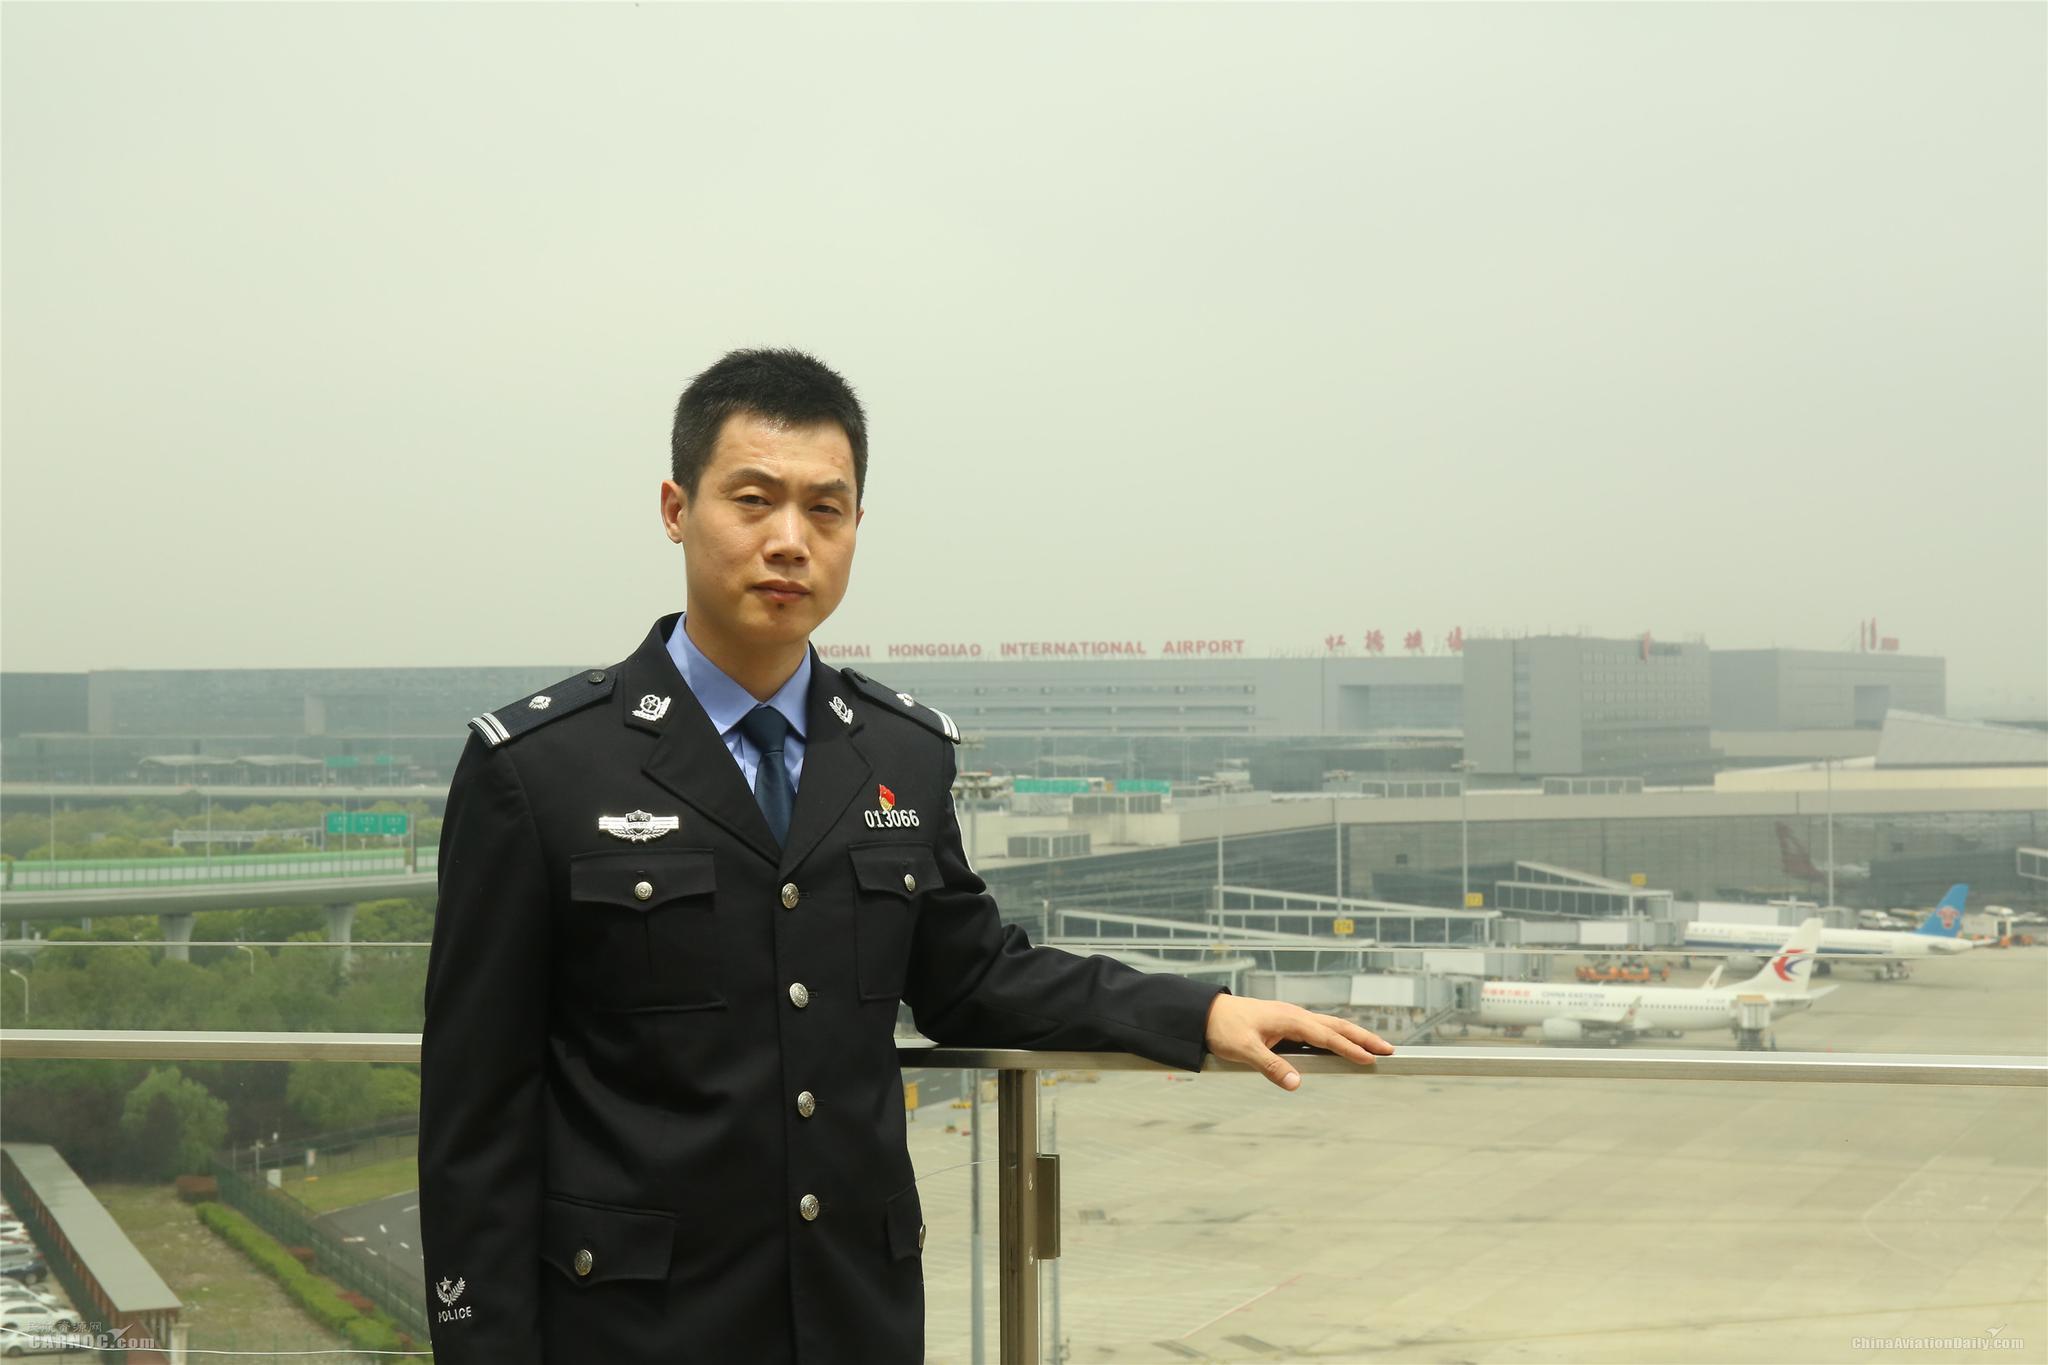 碌碌有为 人生有味: 上海五一劳动奖获得者周斐